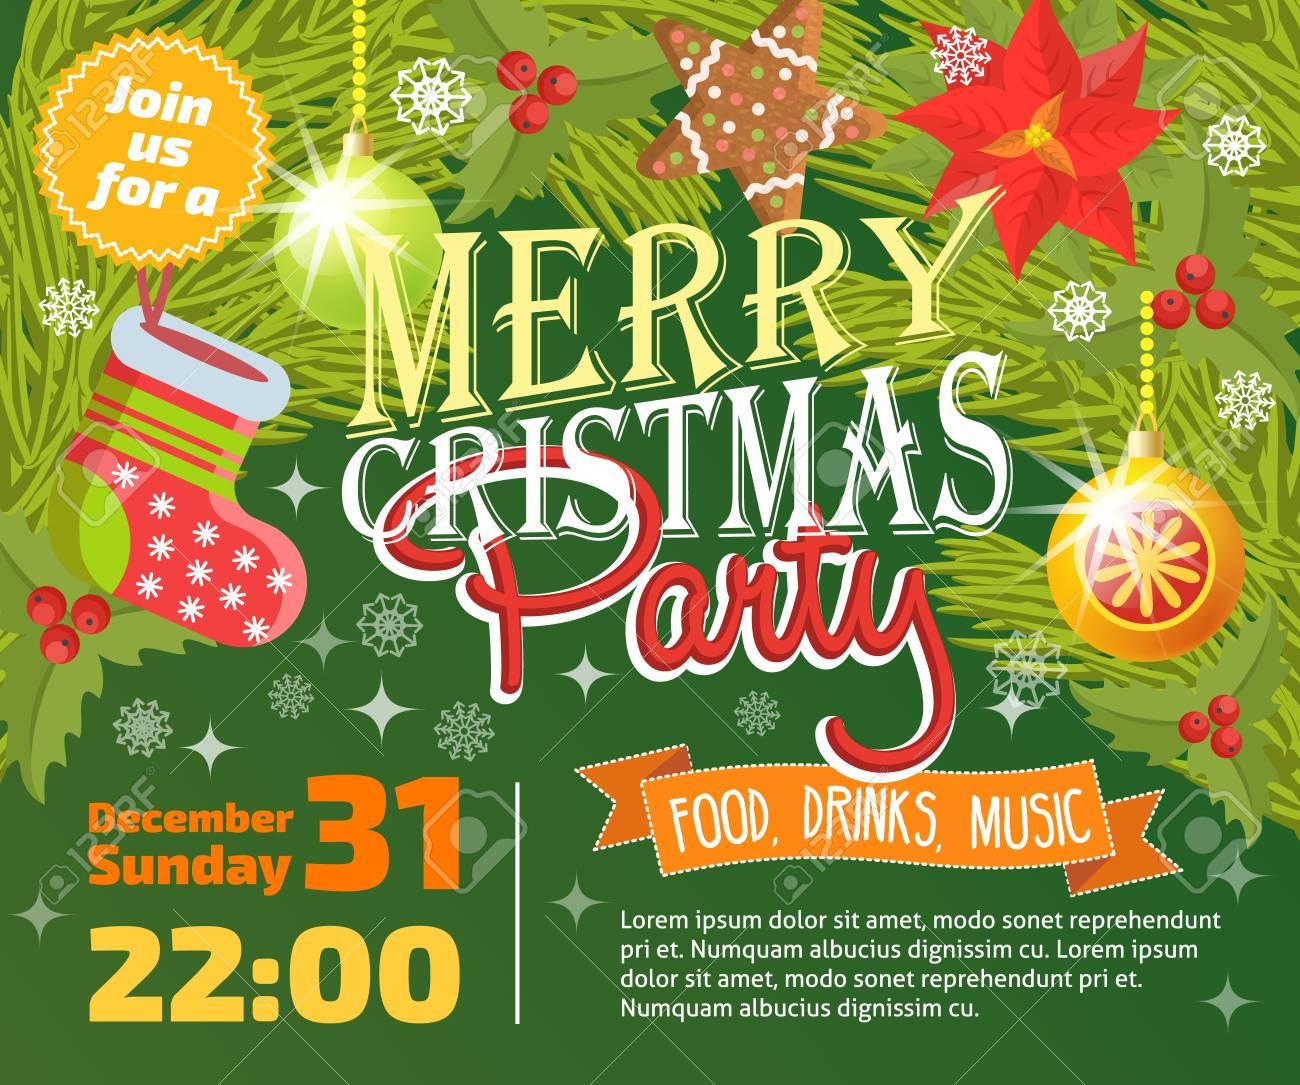 Invitación De La Fiesta De Navidad Vector Plantilla De Diseño De Fondo De La Tarjeta Para Noel Celebración De La Fiesta De Navidad Clipart Año Nuevo